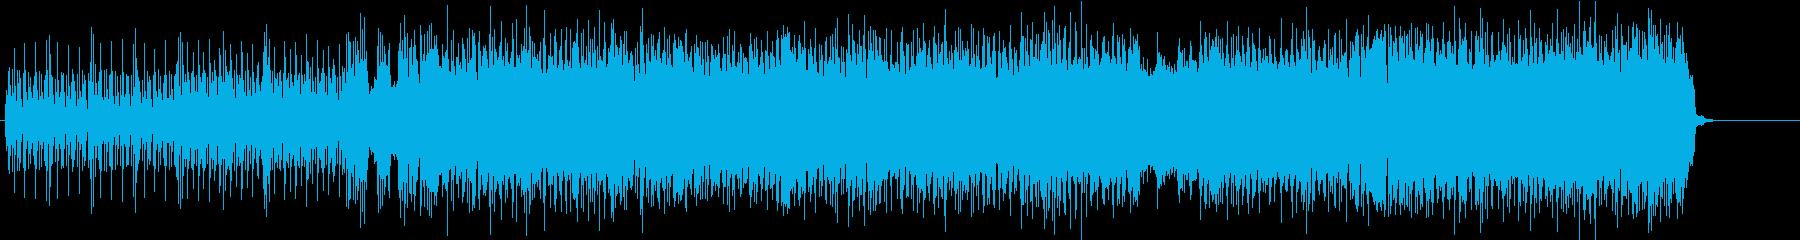 シャッフルするラフなブルース・ロックの再生済みの波形